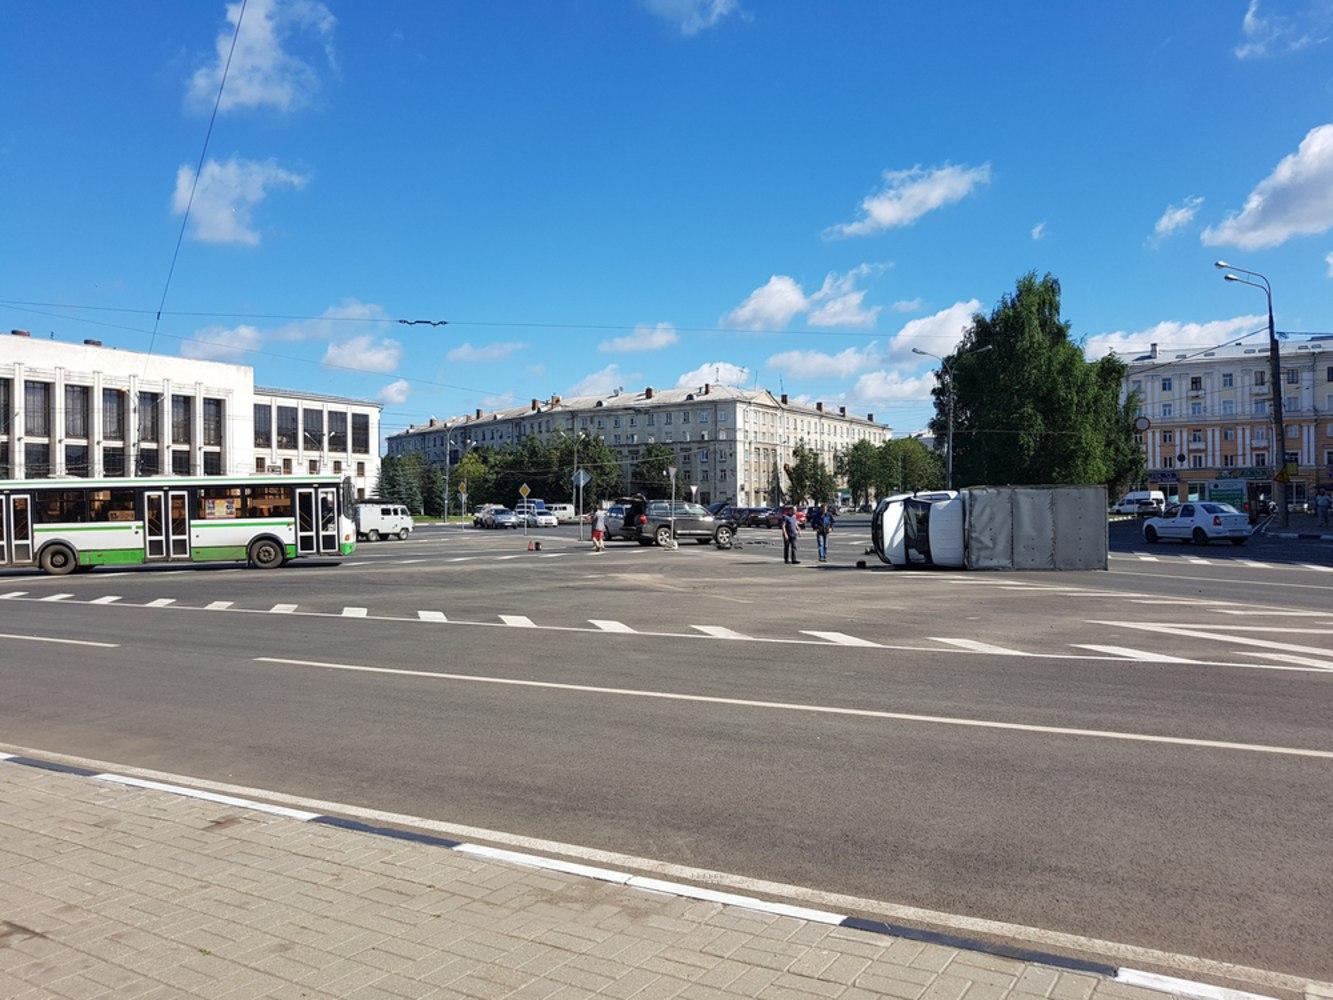 Фото заводоуковск привокзальная площадь фасадов